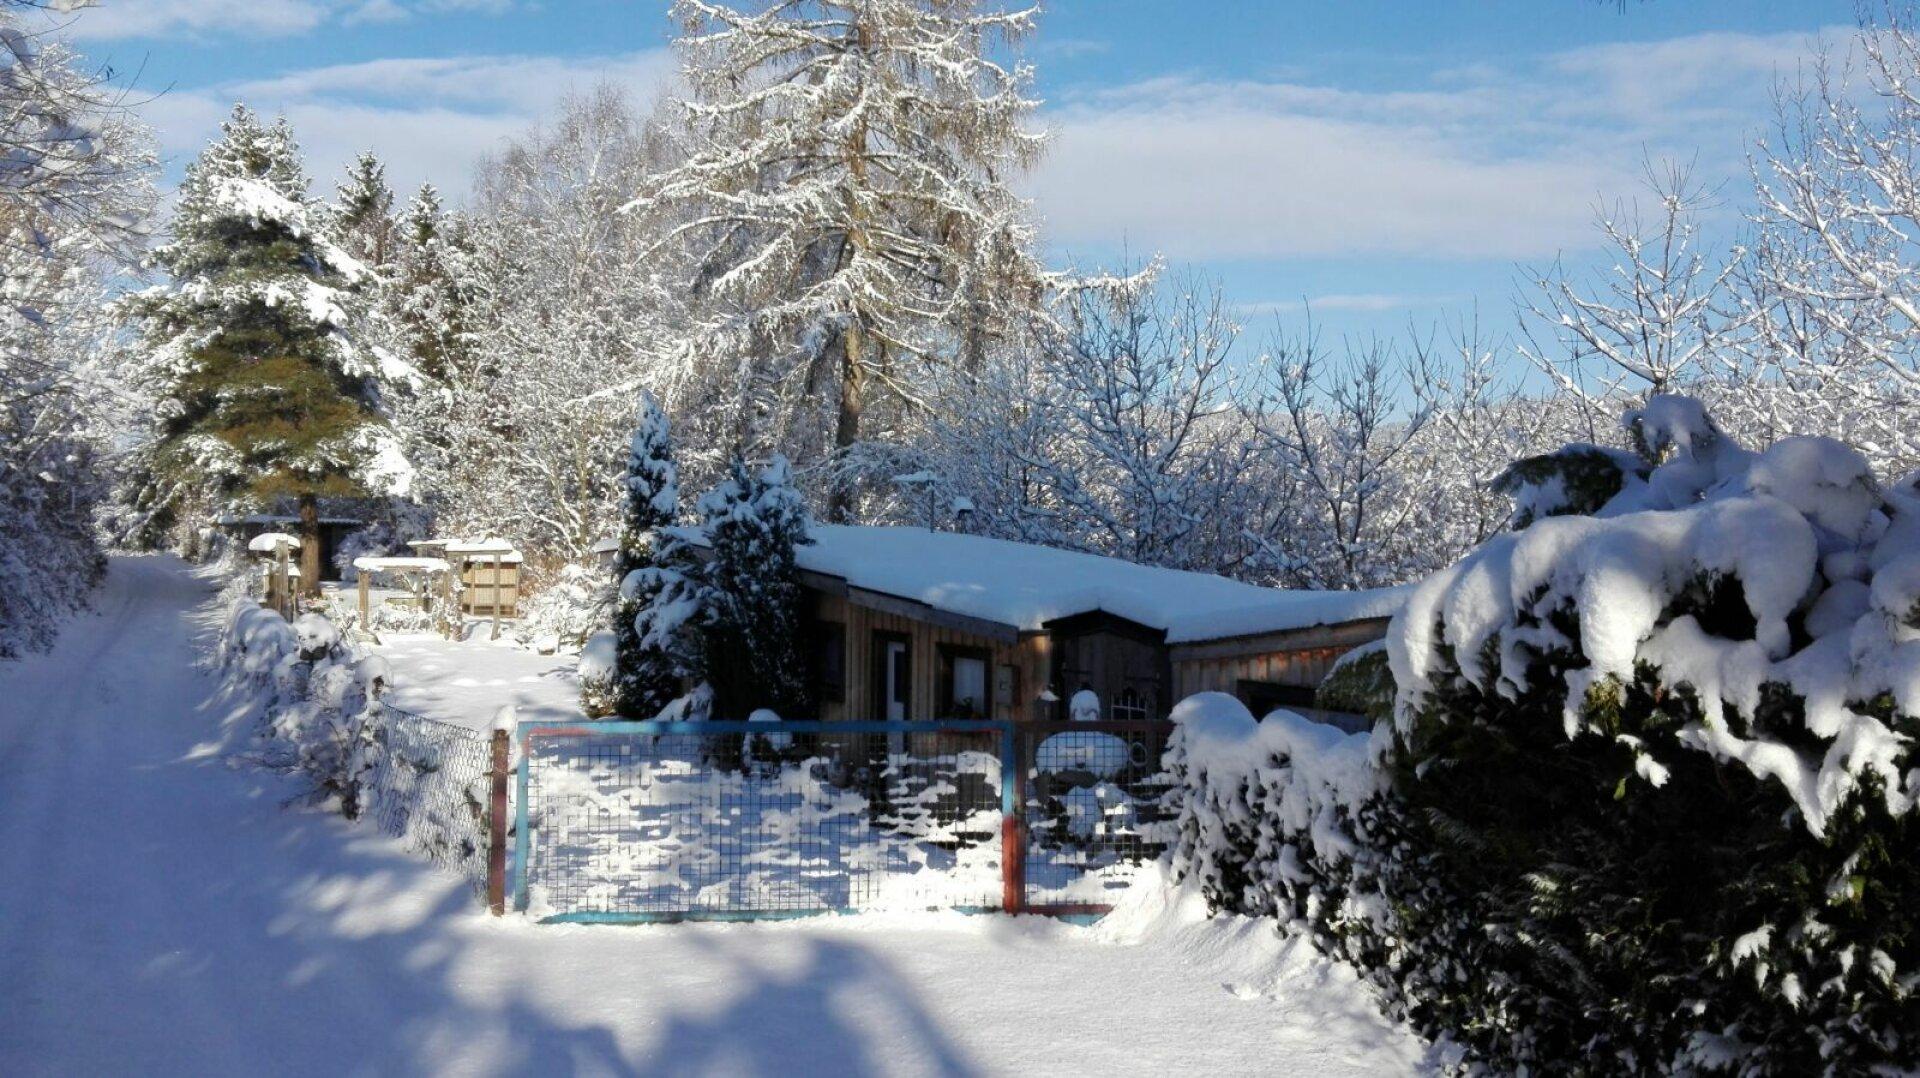 Auch im Winter einzigartig idyllisch